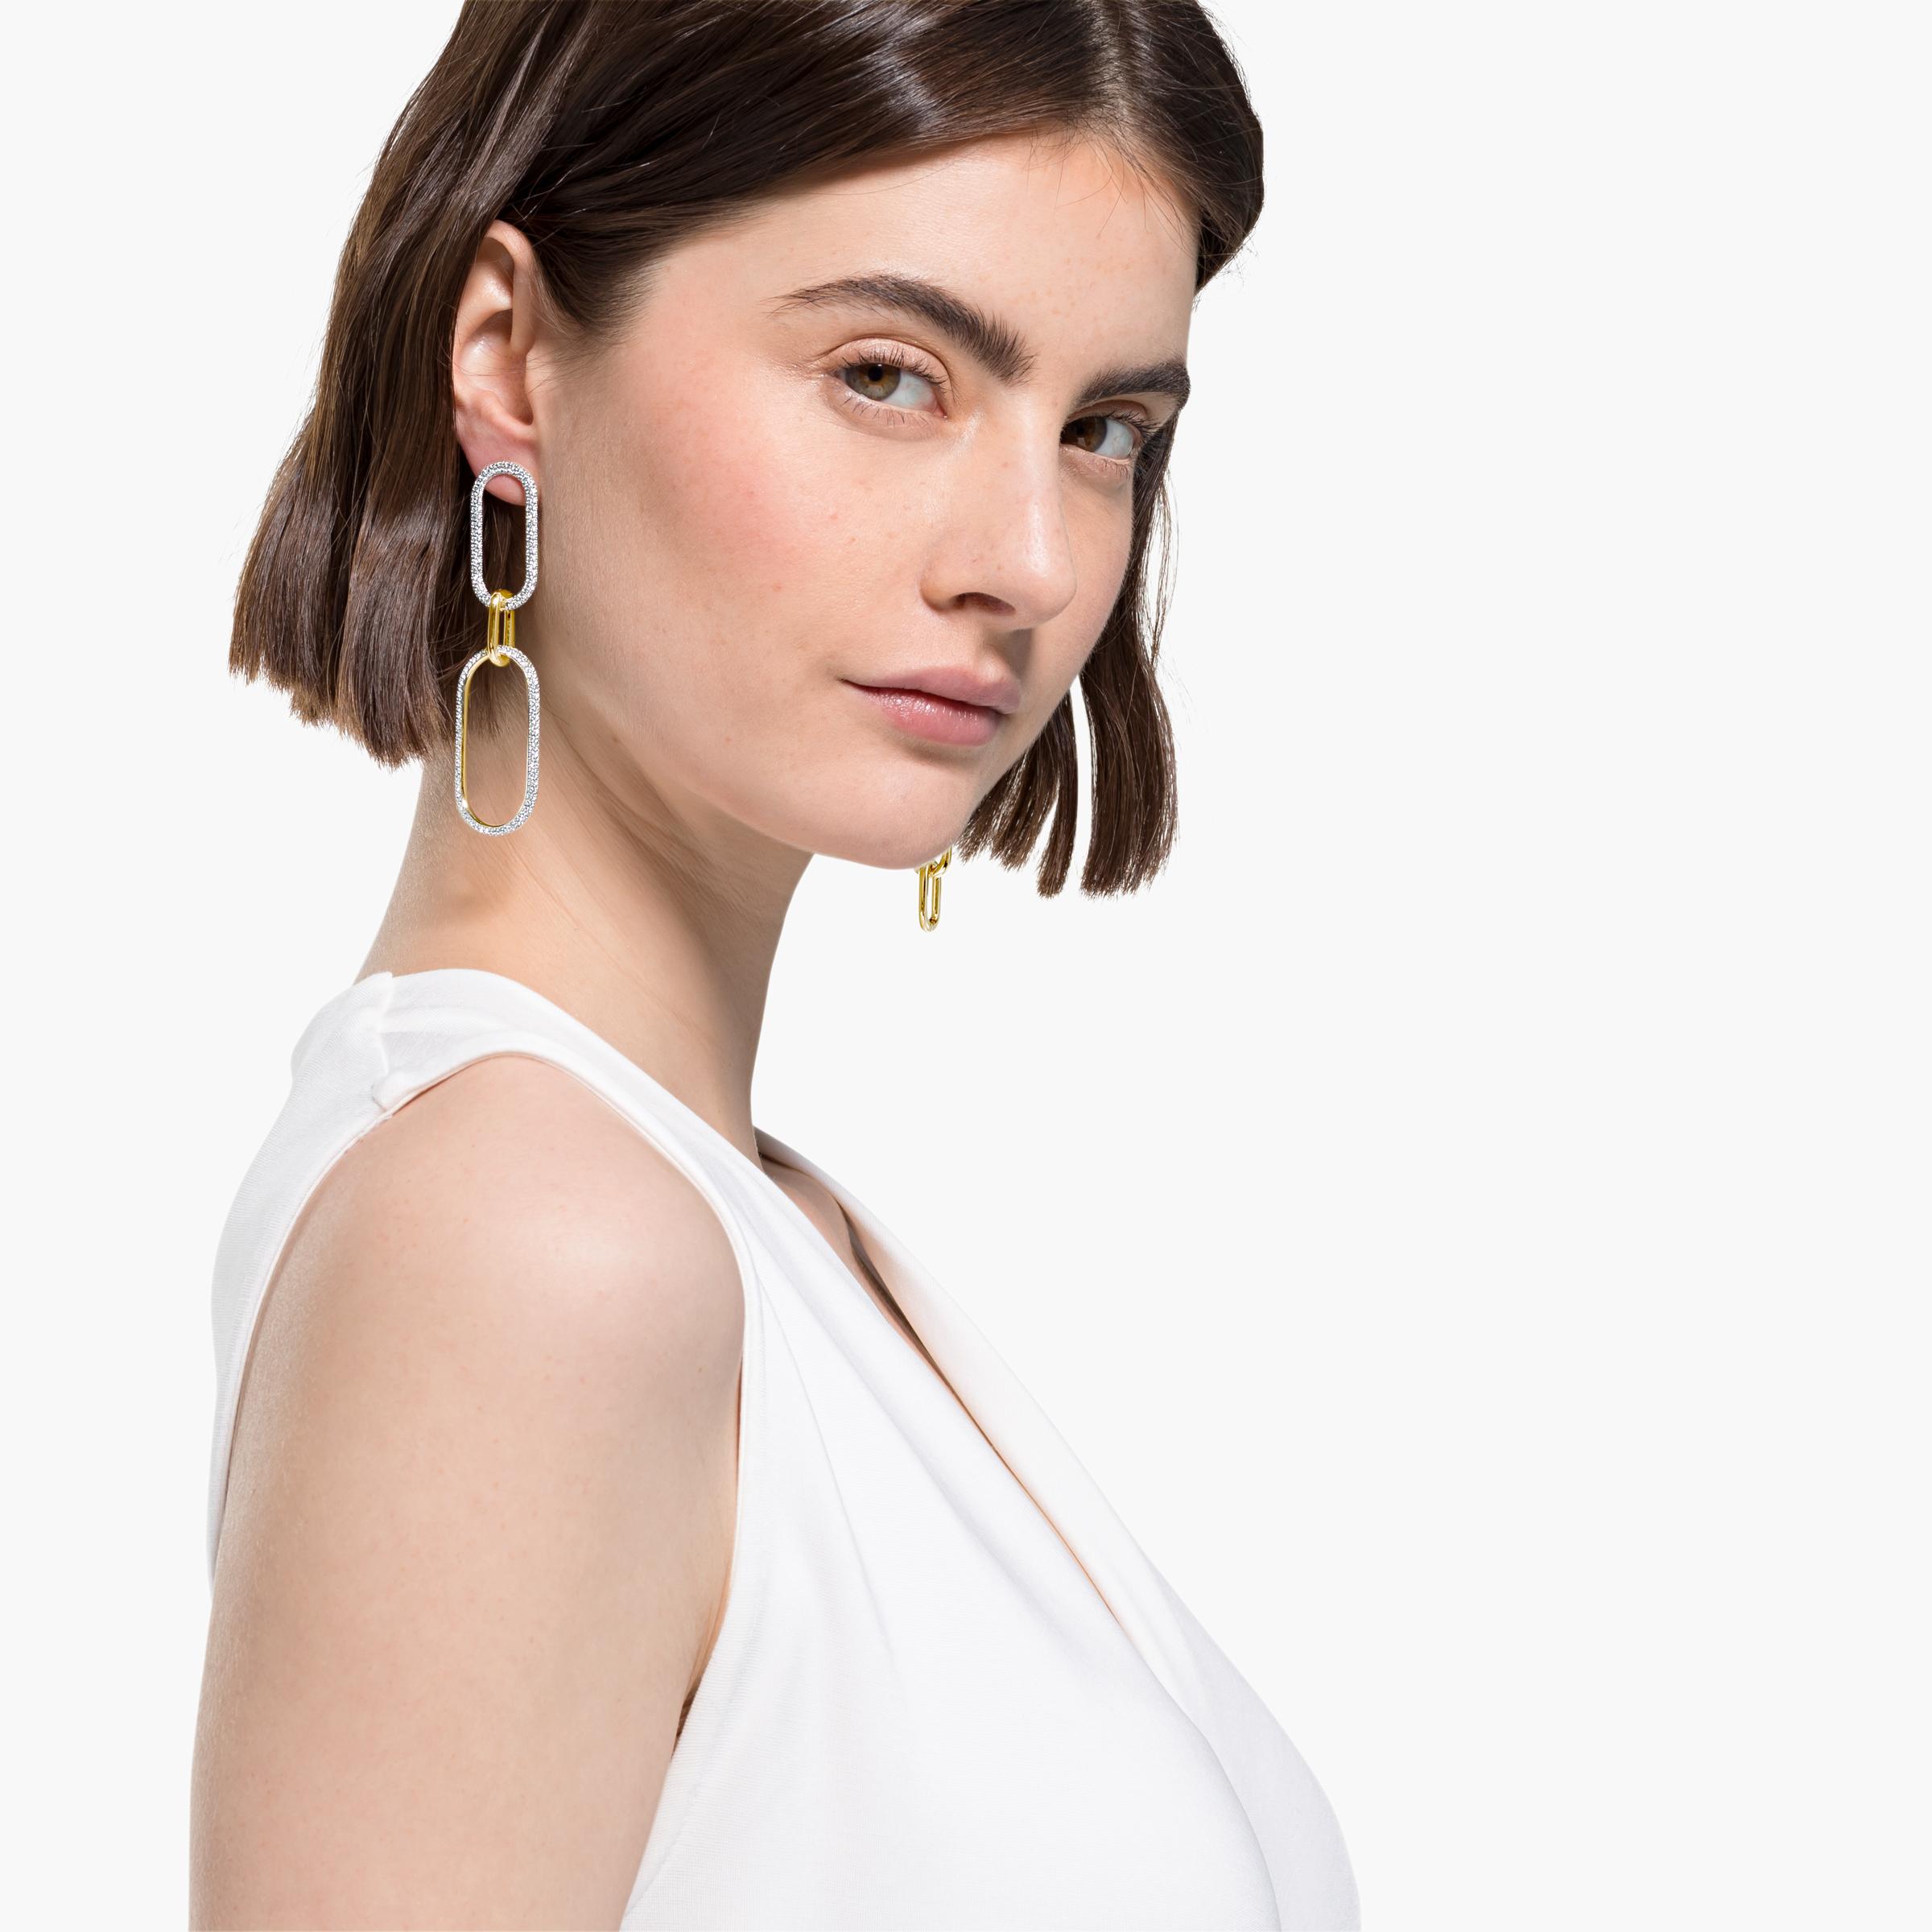 Boucles d'oreilles Time, blanc, finition mix de métal, Swarovski